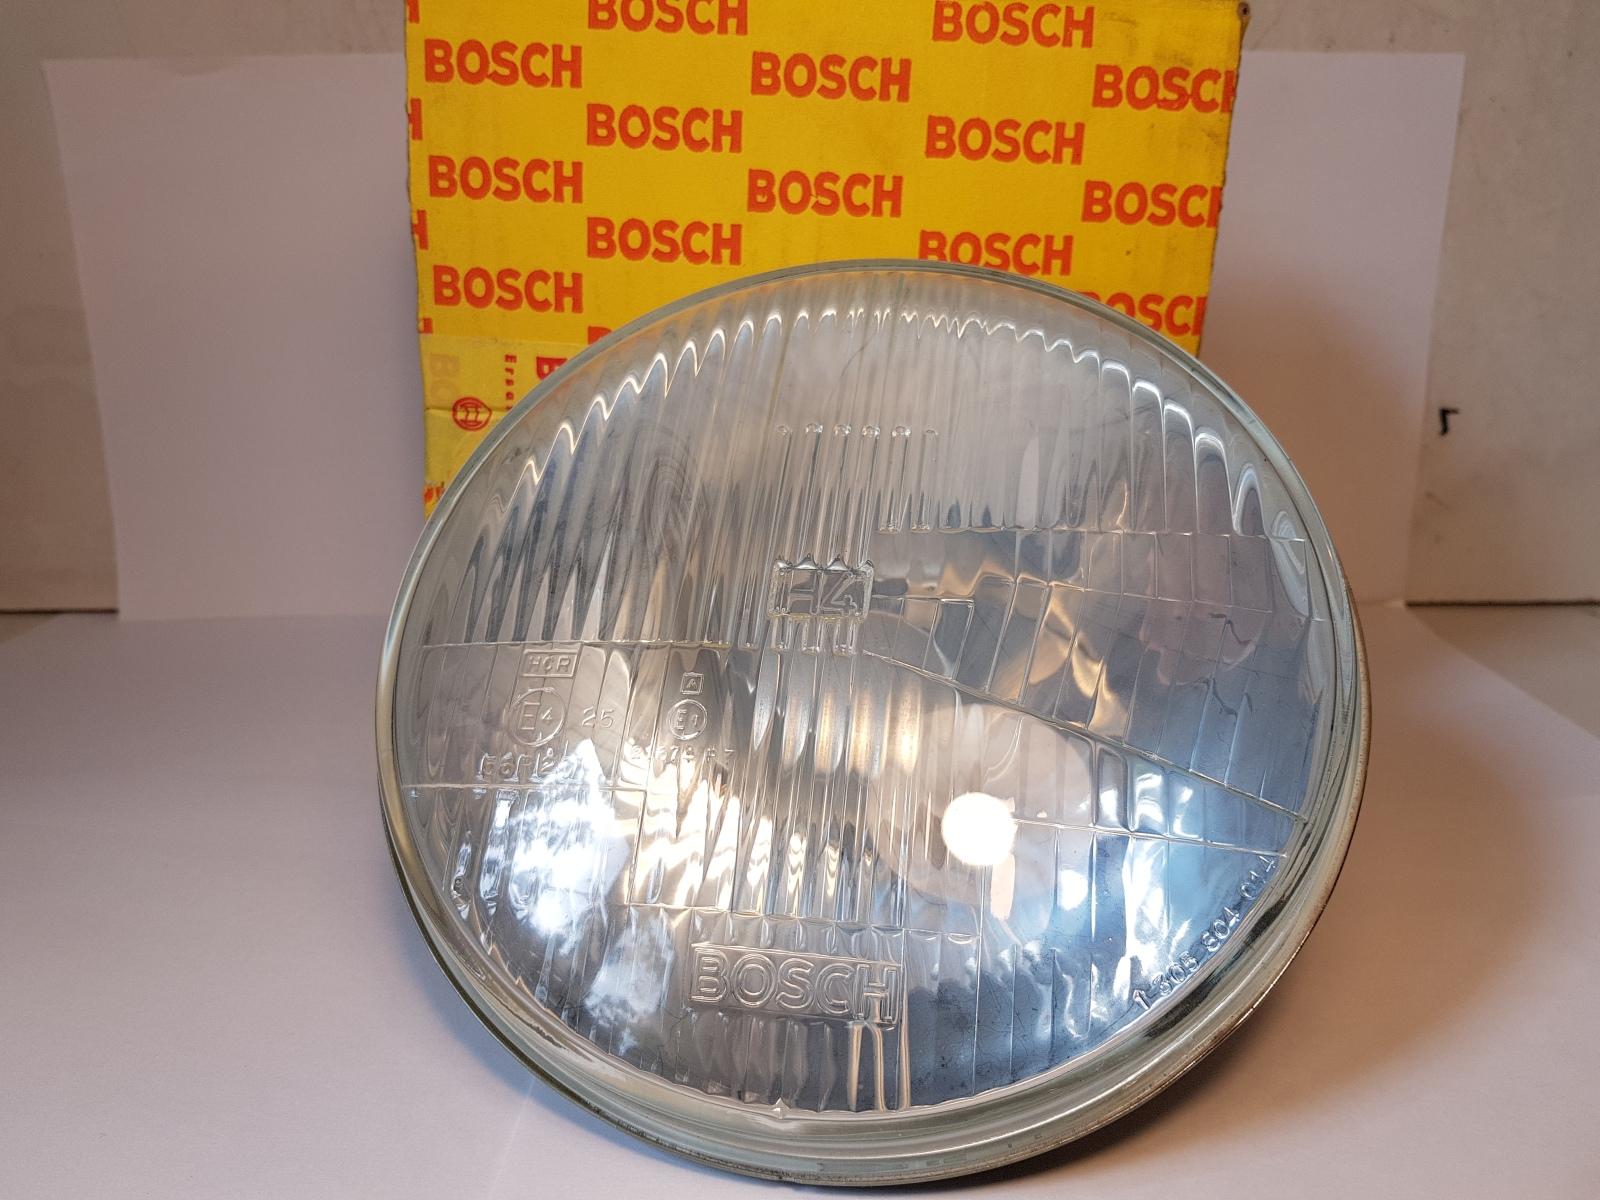 Bosch 0301813103 Scheinwerfer Scheinwerfereinsatz Head Light 56R20 Lens